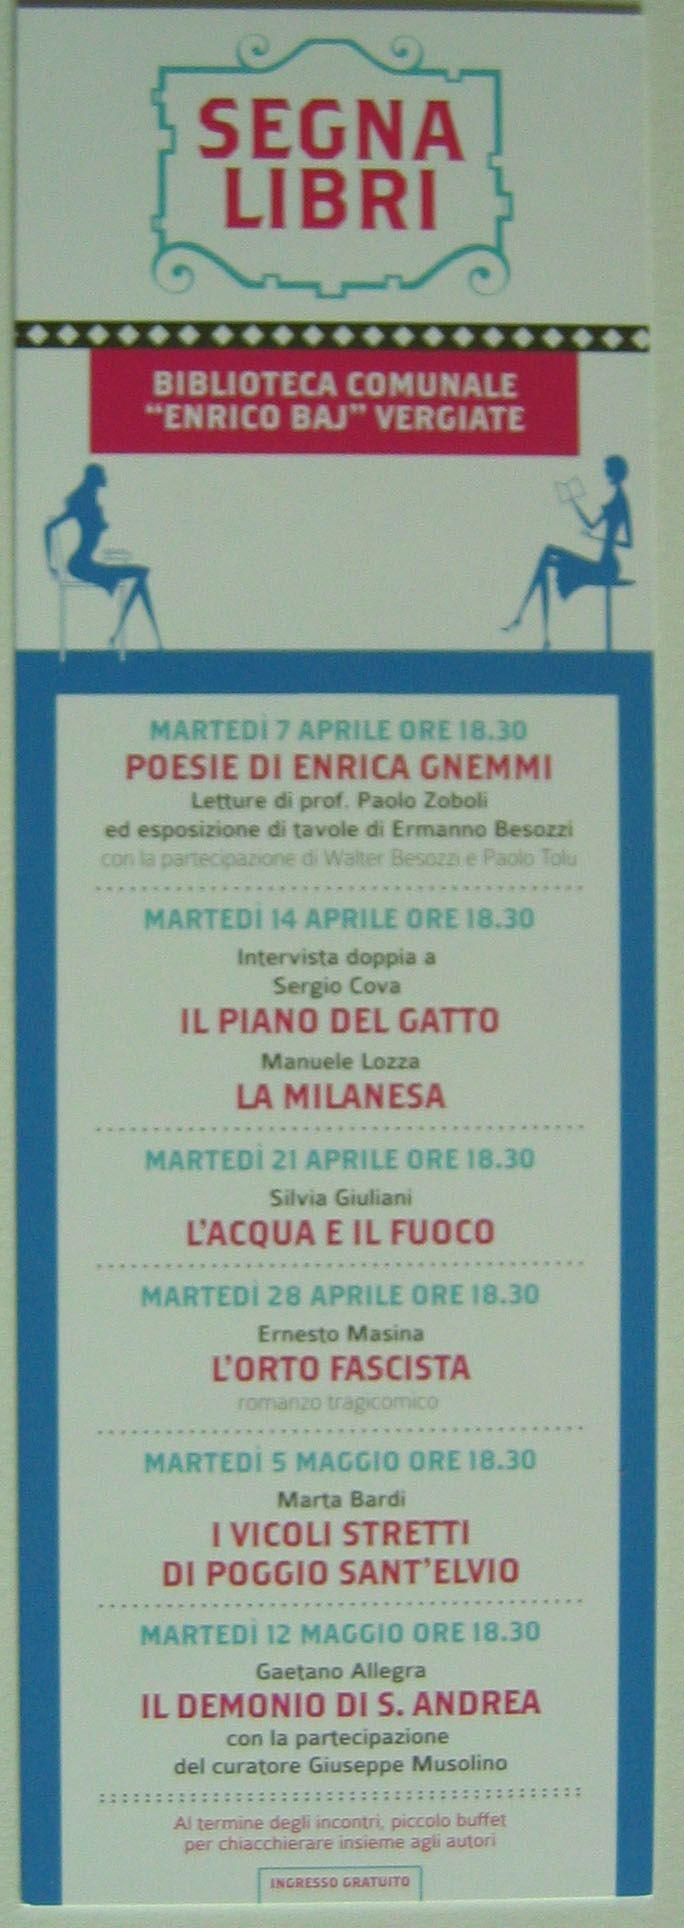 2015 invito letture poesie di Enrica Gnemmi e con tavole di Besozzi biblioteca comunale  Enrico Baj  Vergiate